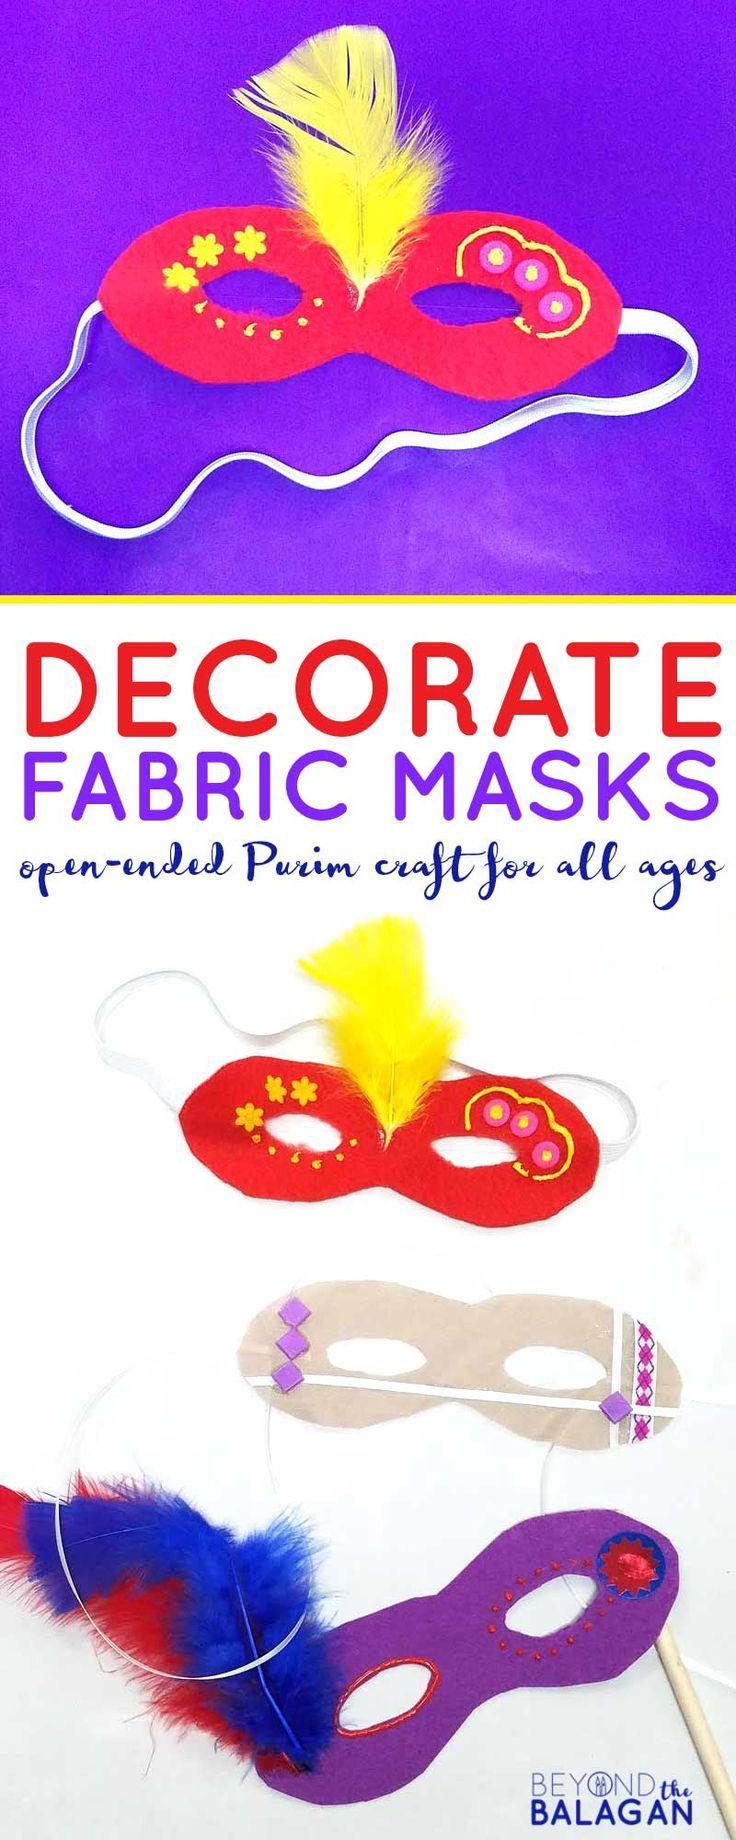 Dekorieren Sie Stoffmasken für PUrim – ich liebe dieses Purim-Handwerk, weil es gemacht werden kann …   – Purim Party!